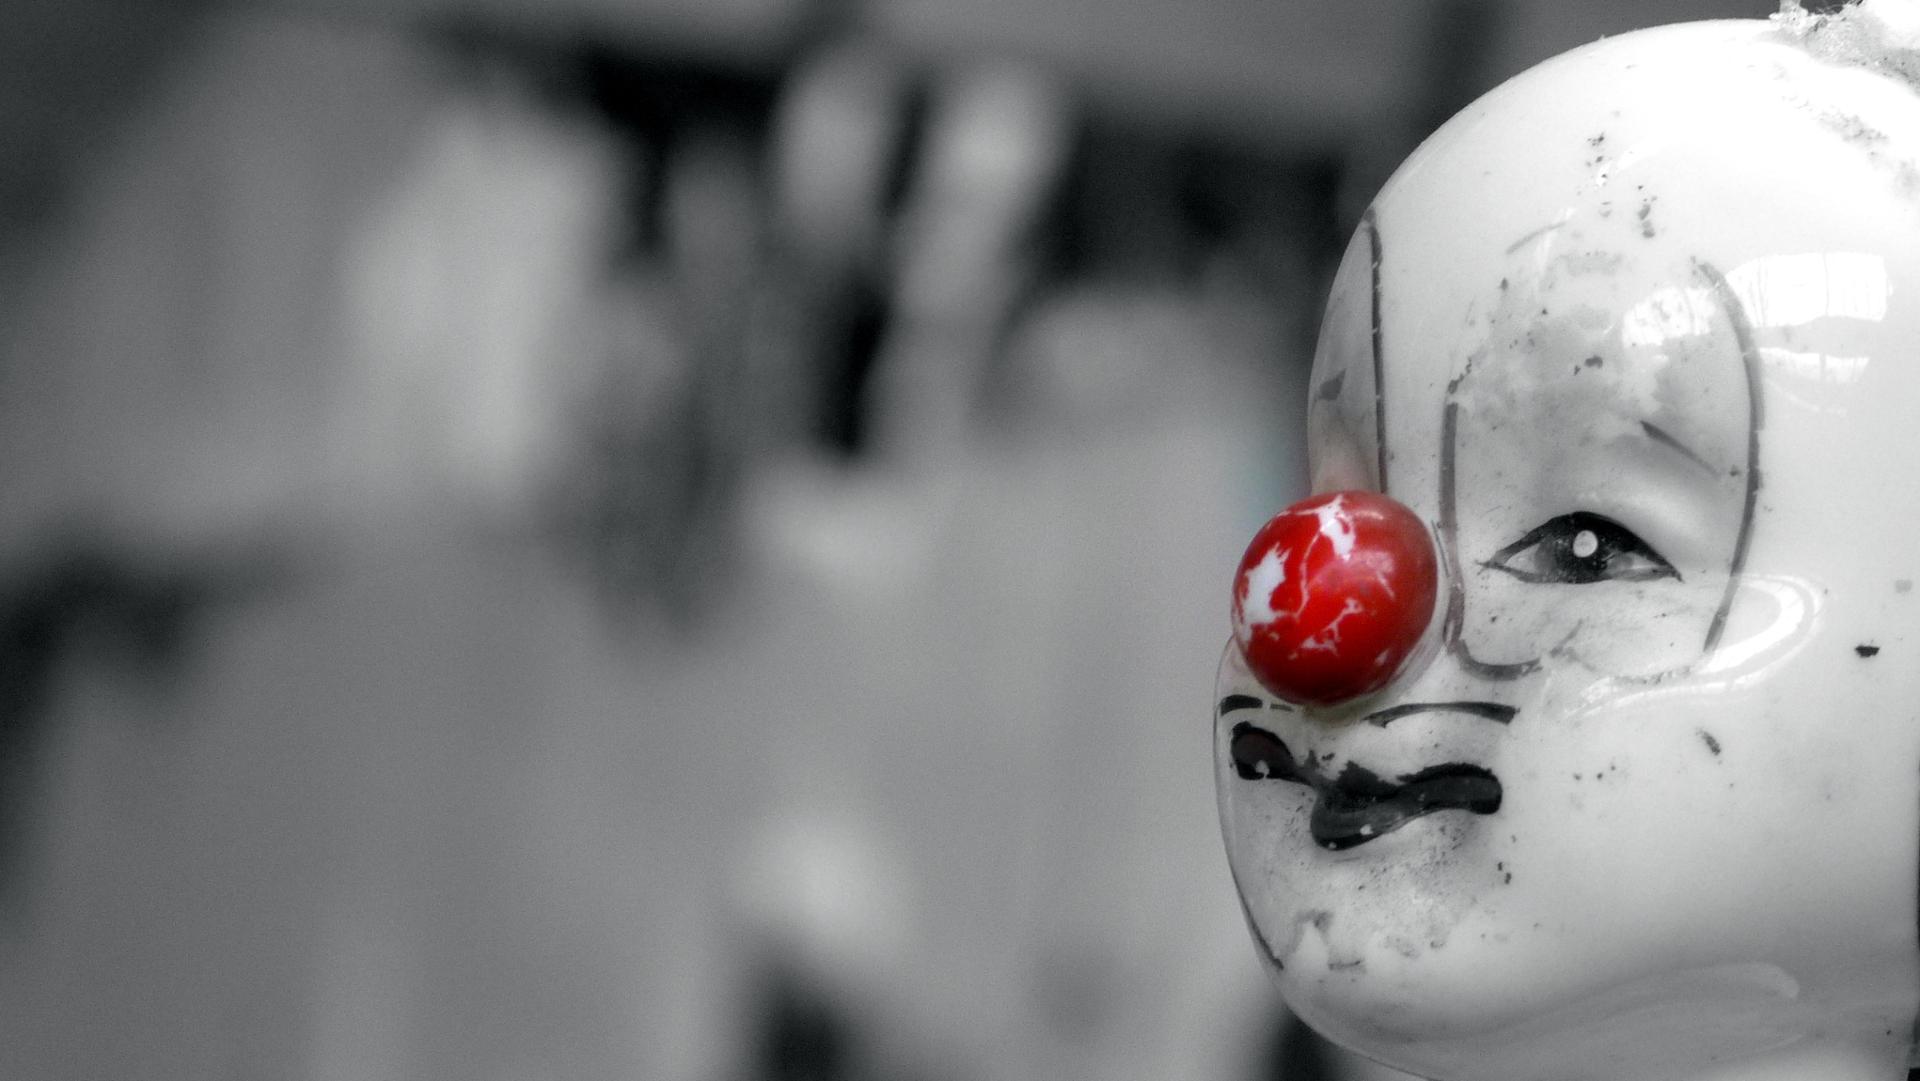 Le clow psycho .